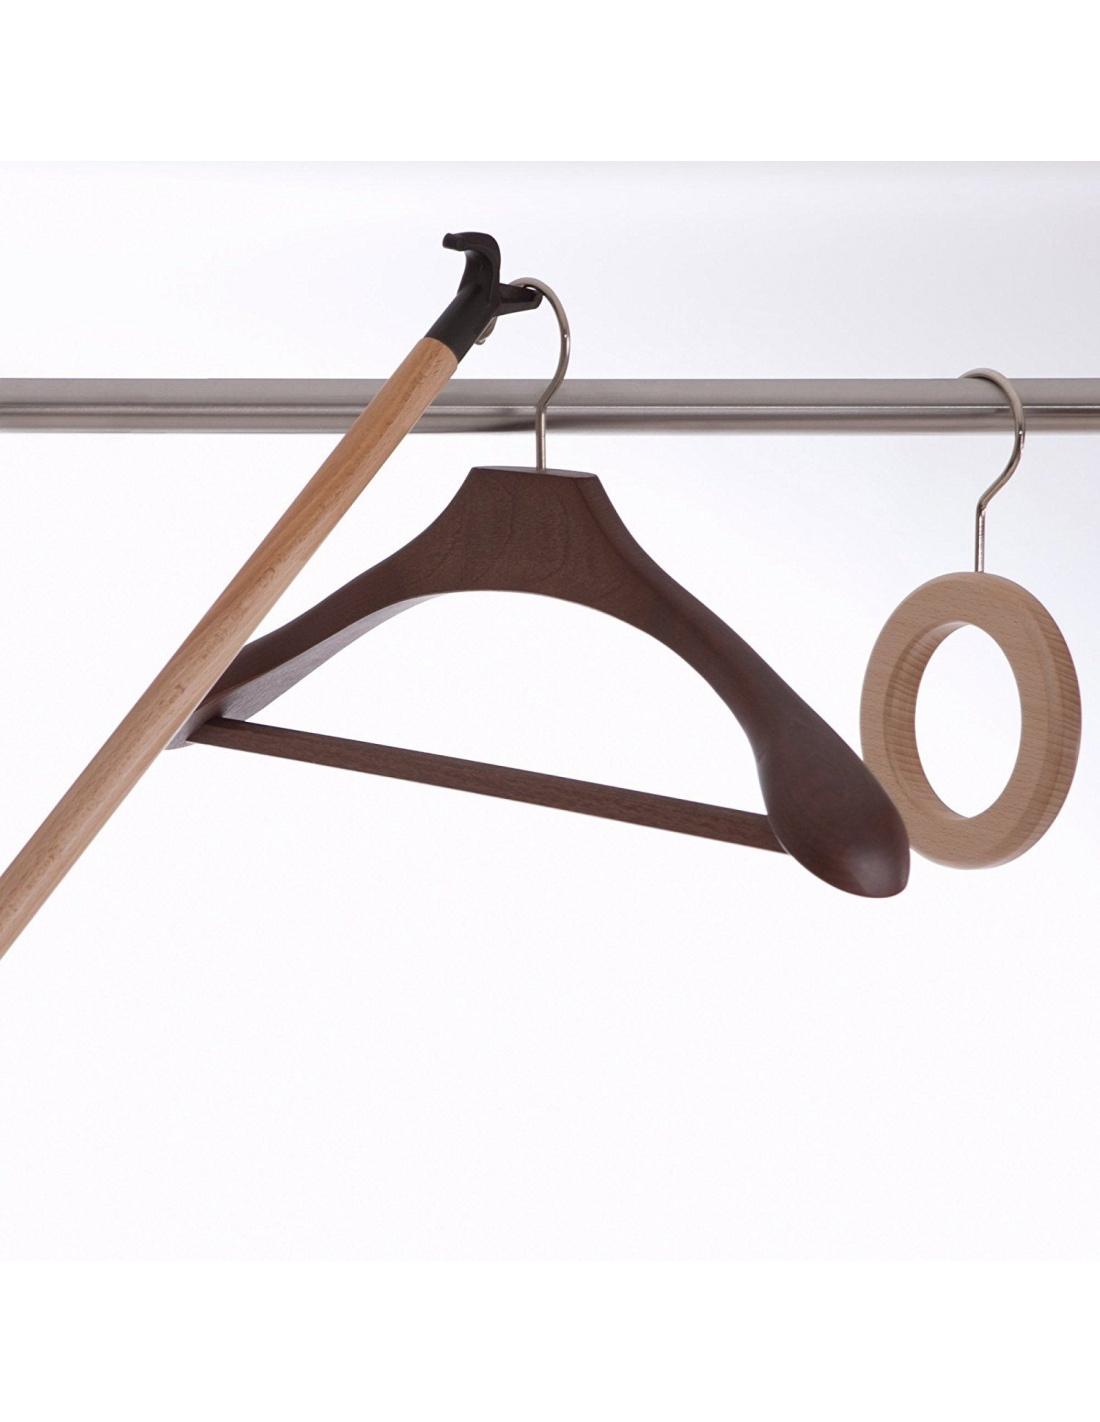 Asta appendiabiti in legno per armadio alfonso 643 arredamenti italia - Appendiabiti da camera da letto ...